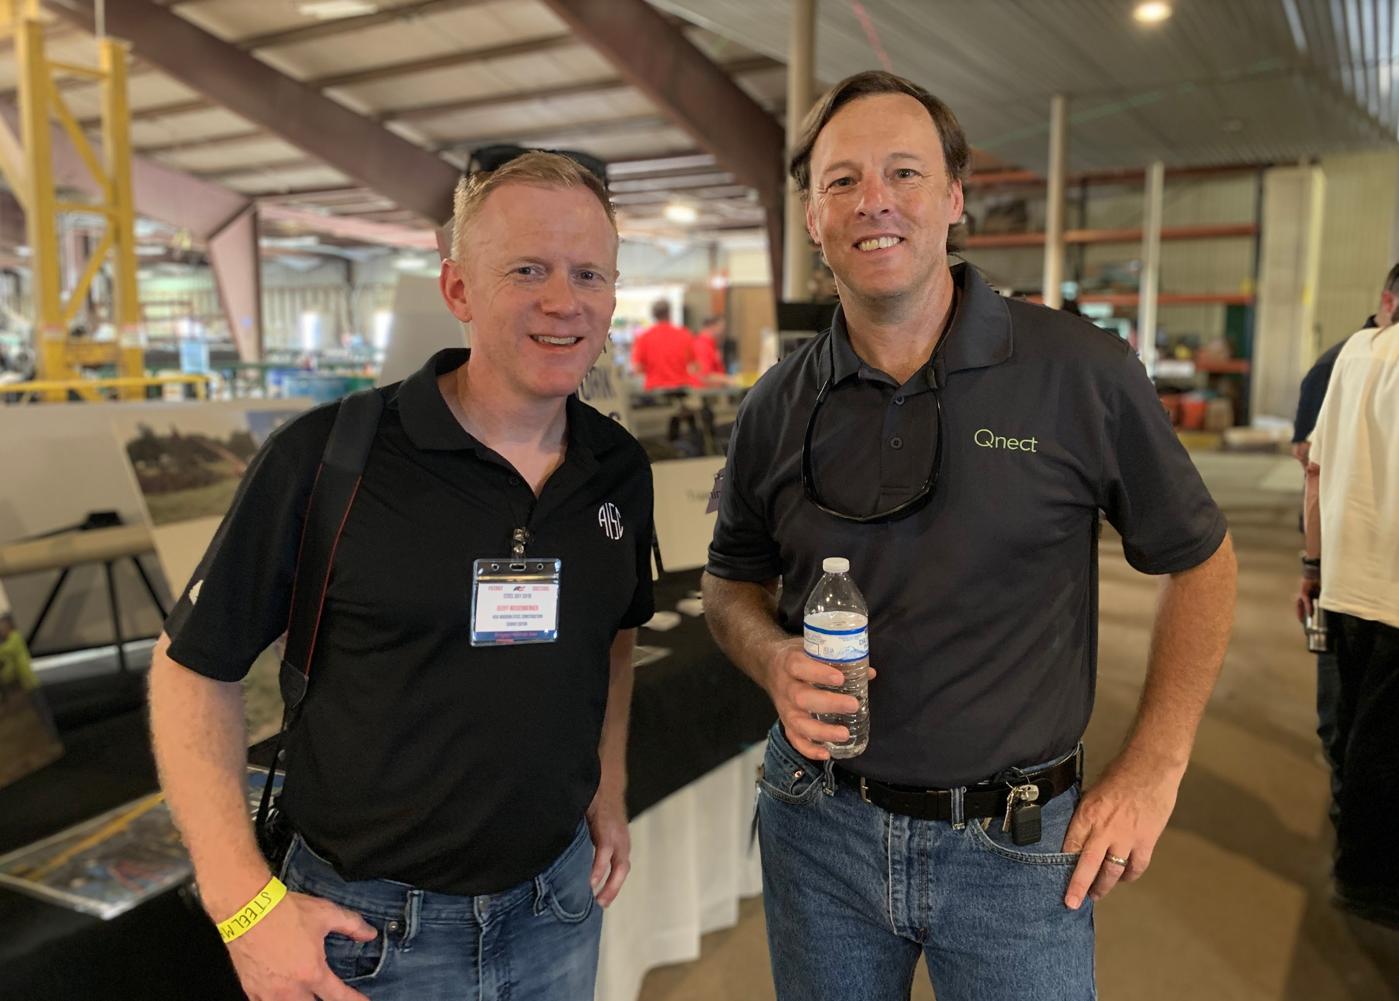 SteelDay 2019 - Geoff Wieseberger AISC Christian Erickson Head of Marketing Qnect